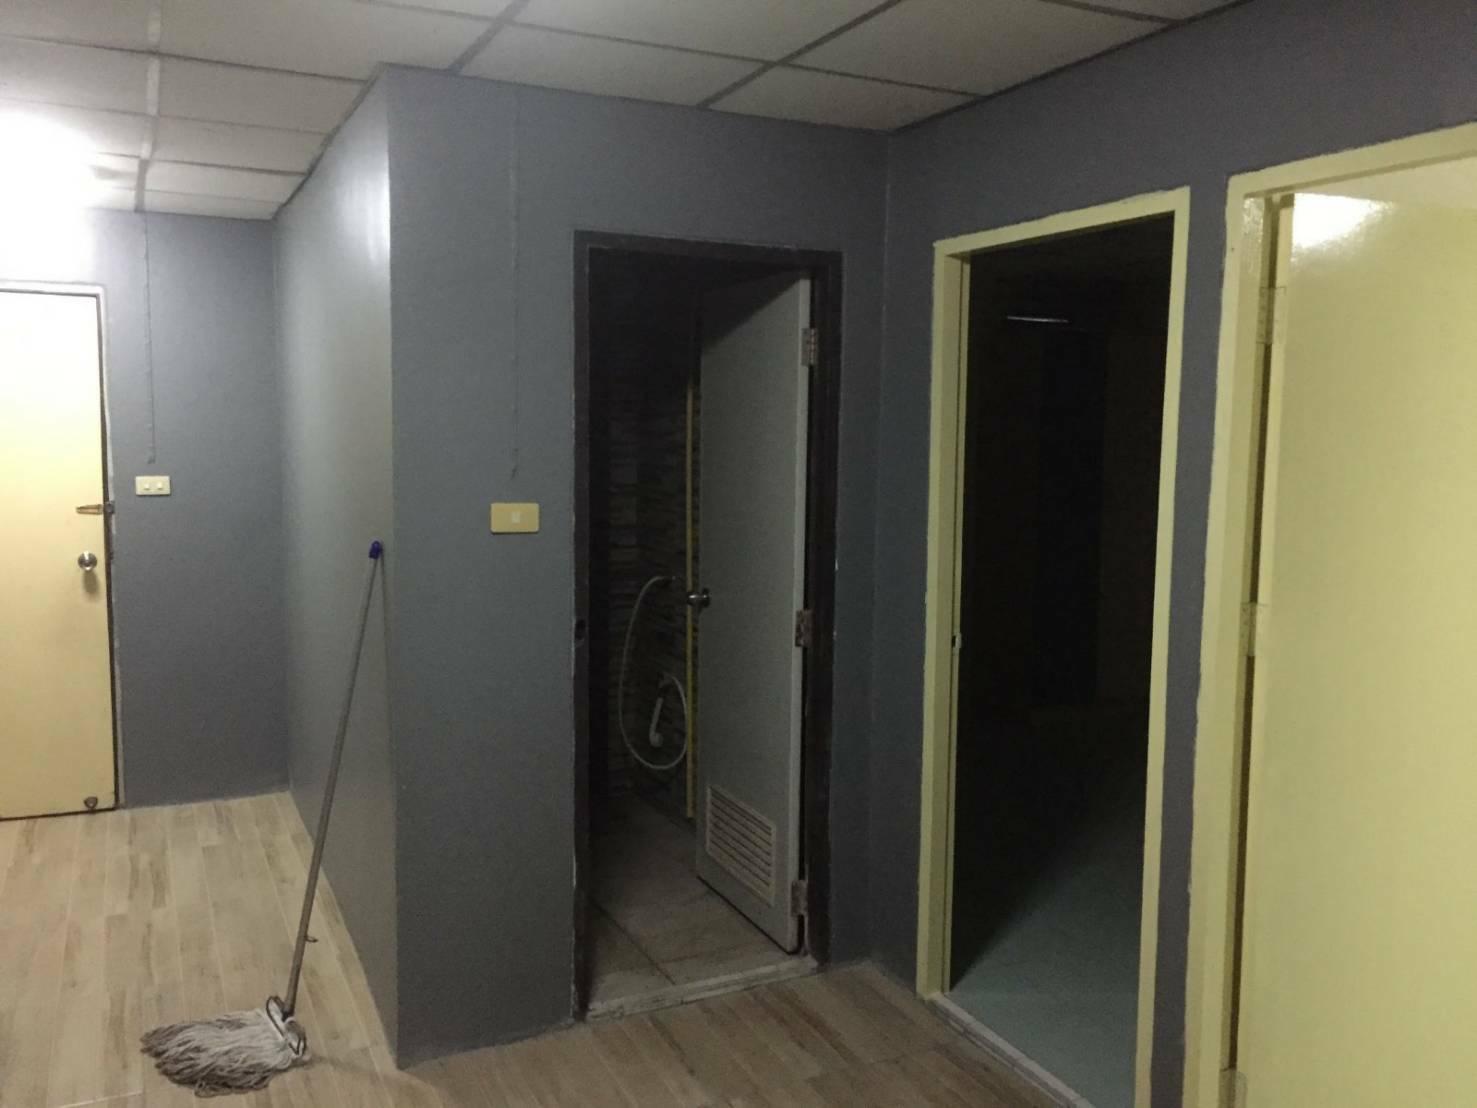 ภาพให้เช่าคอนโดแบบ2ห้องนอน1ห้องรับแขก ใกล้พระจอมเกล้า บางมด 5,300/ด.จ้า